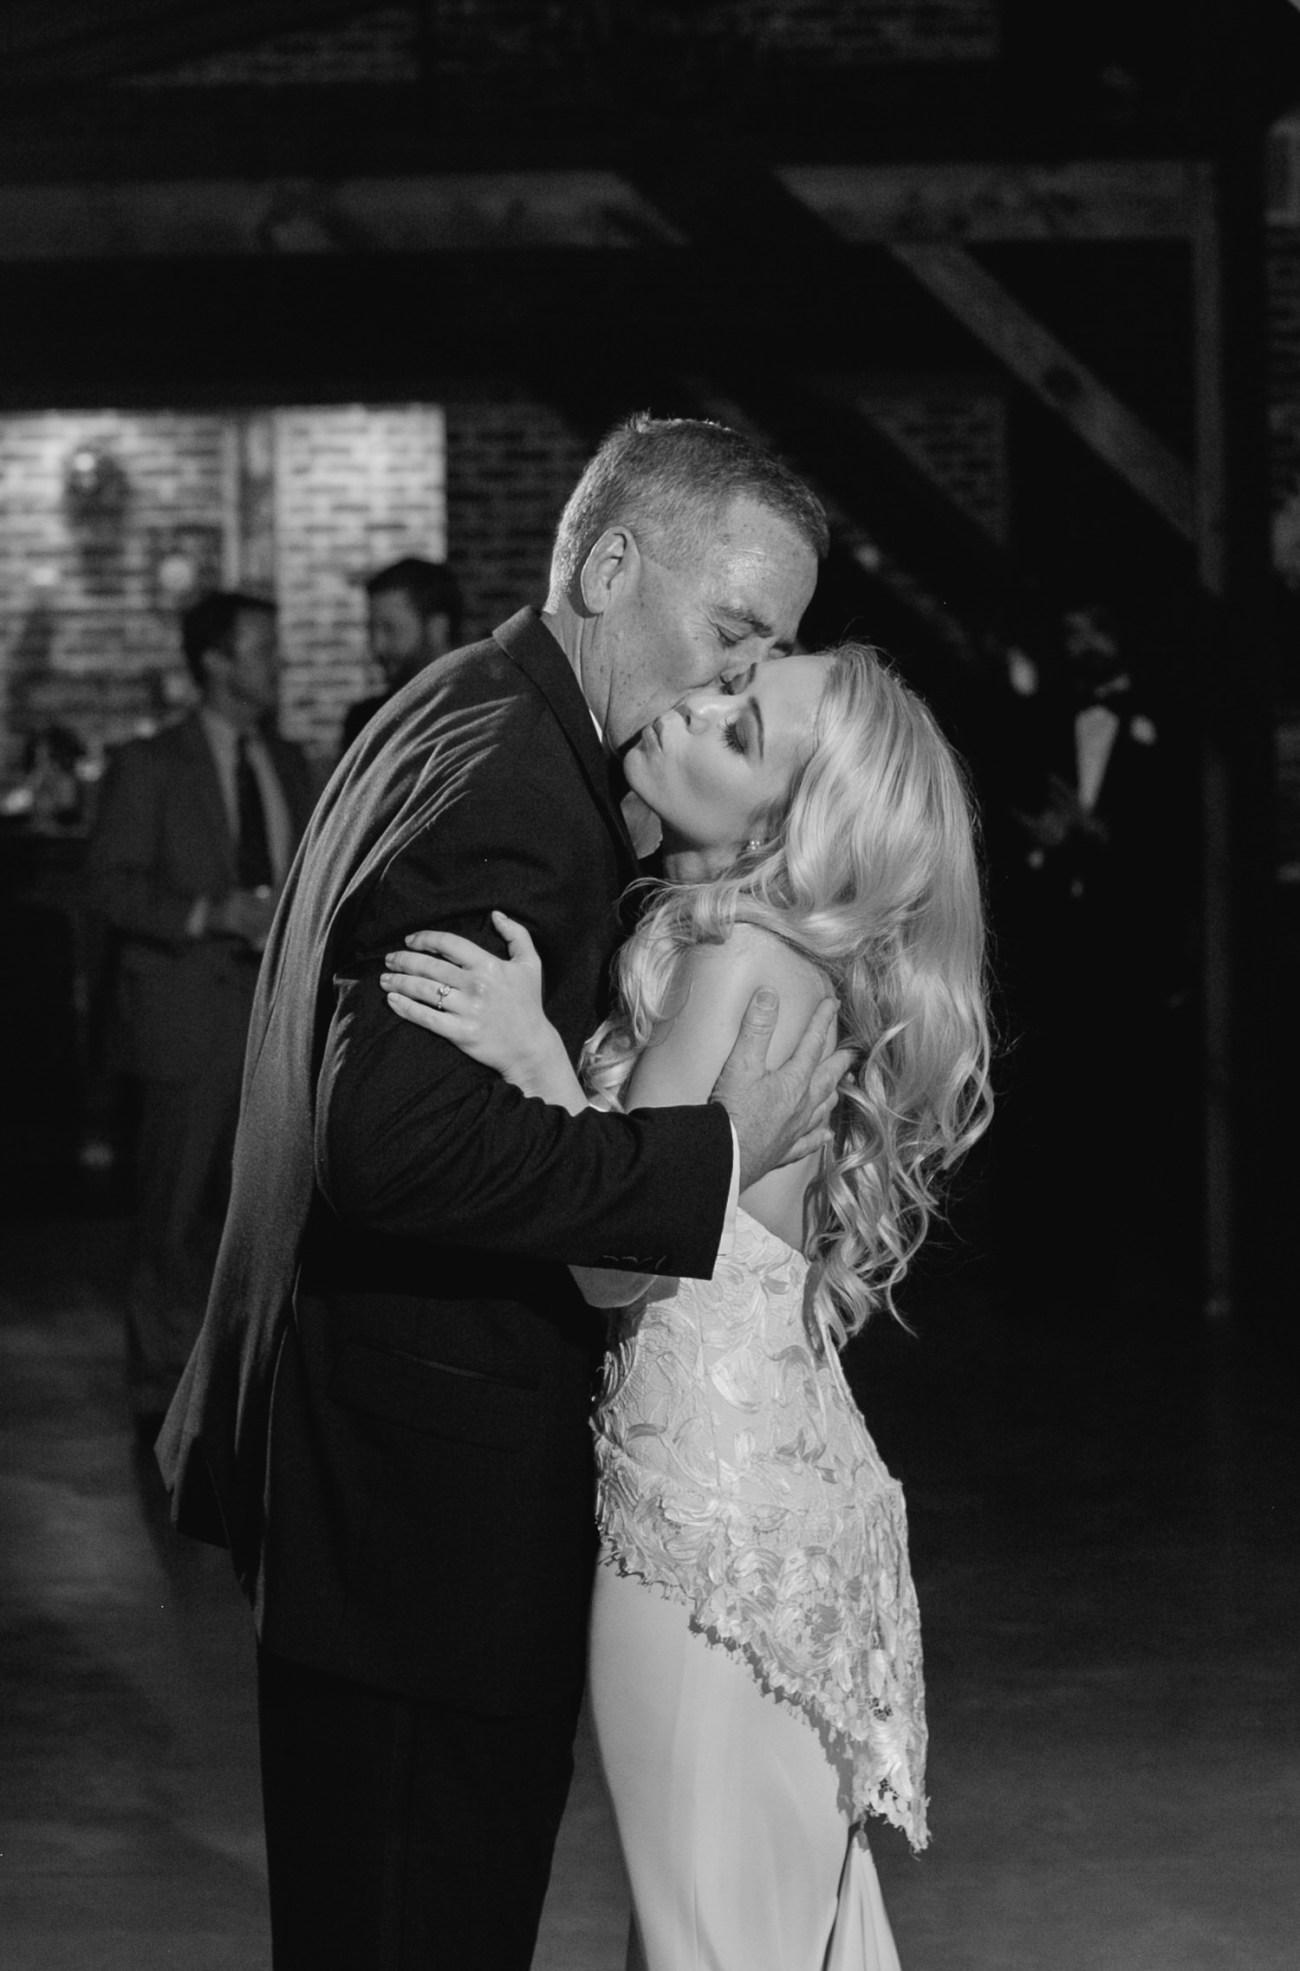 dad kisses bride